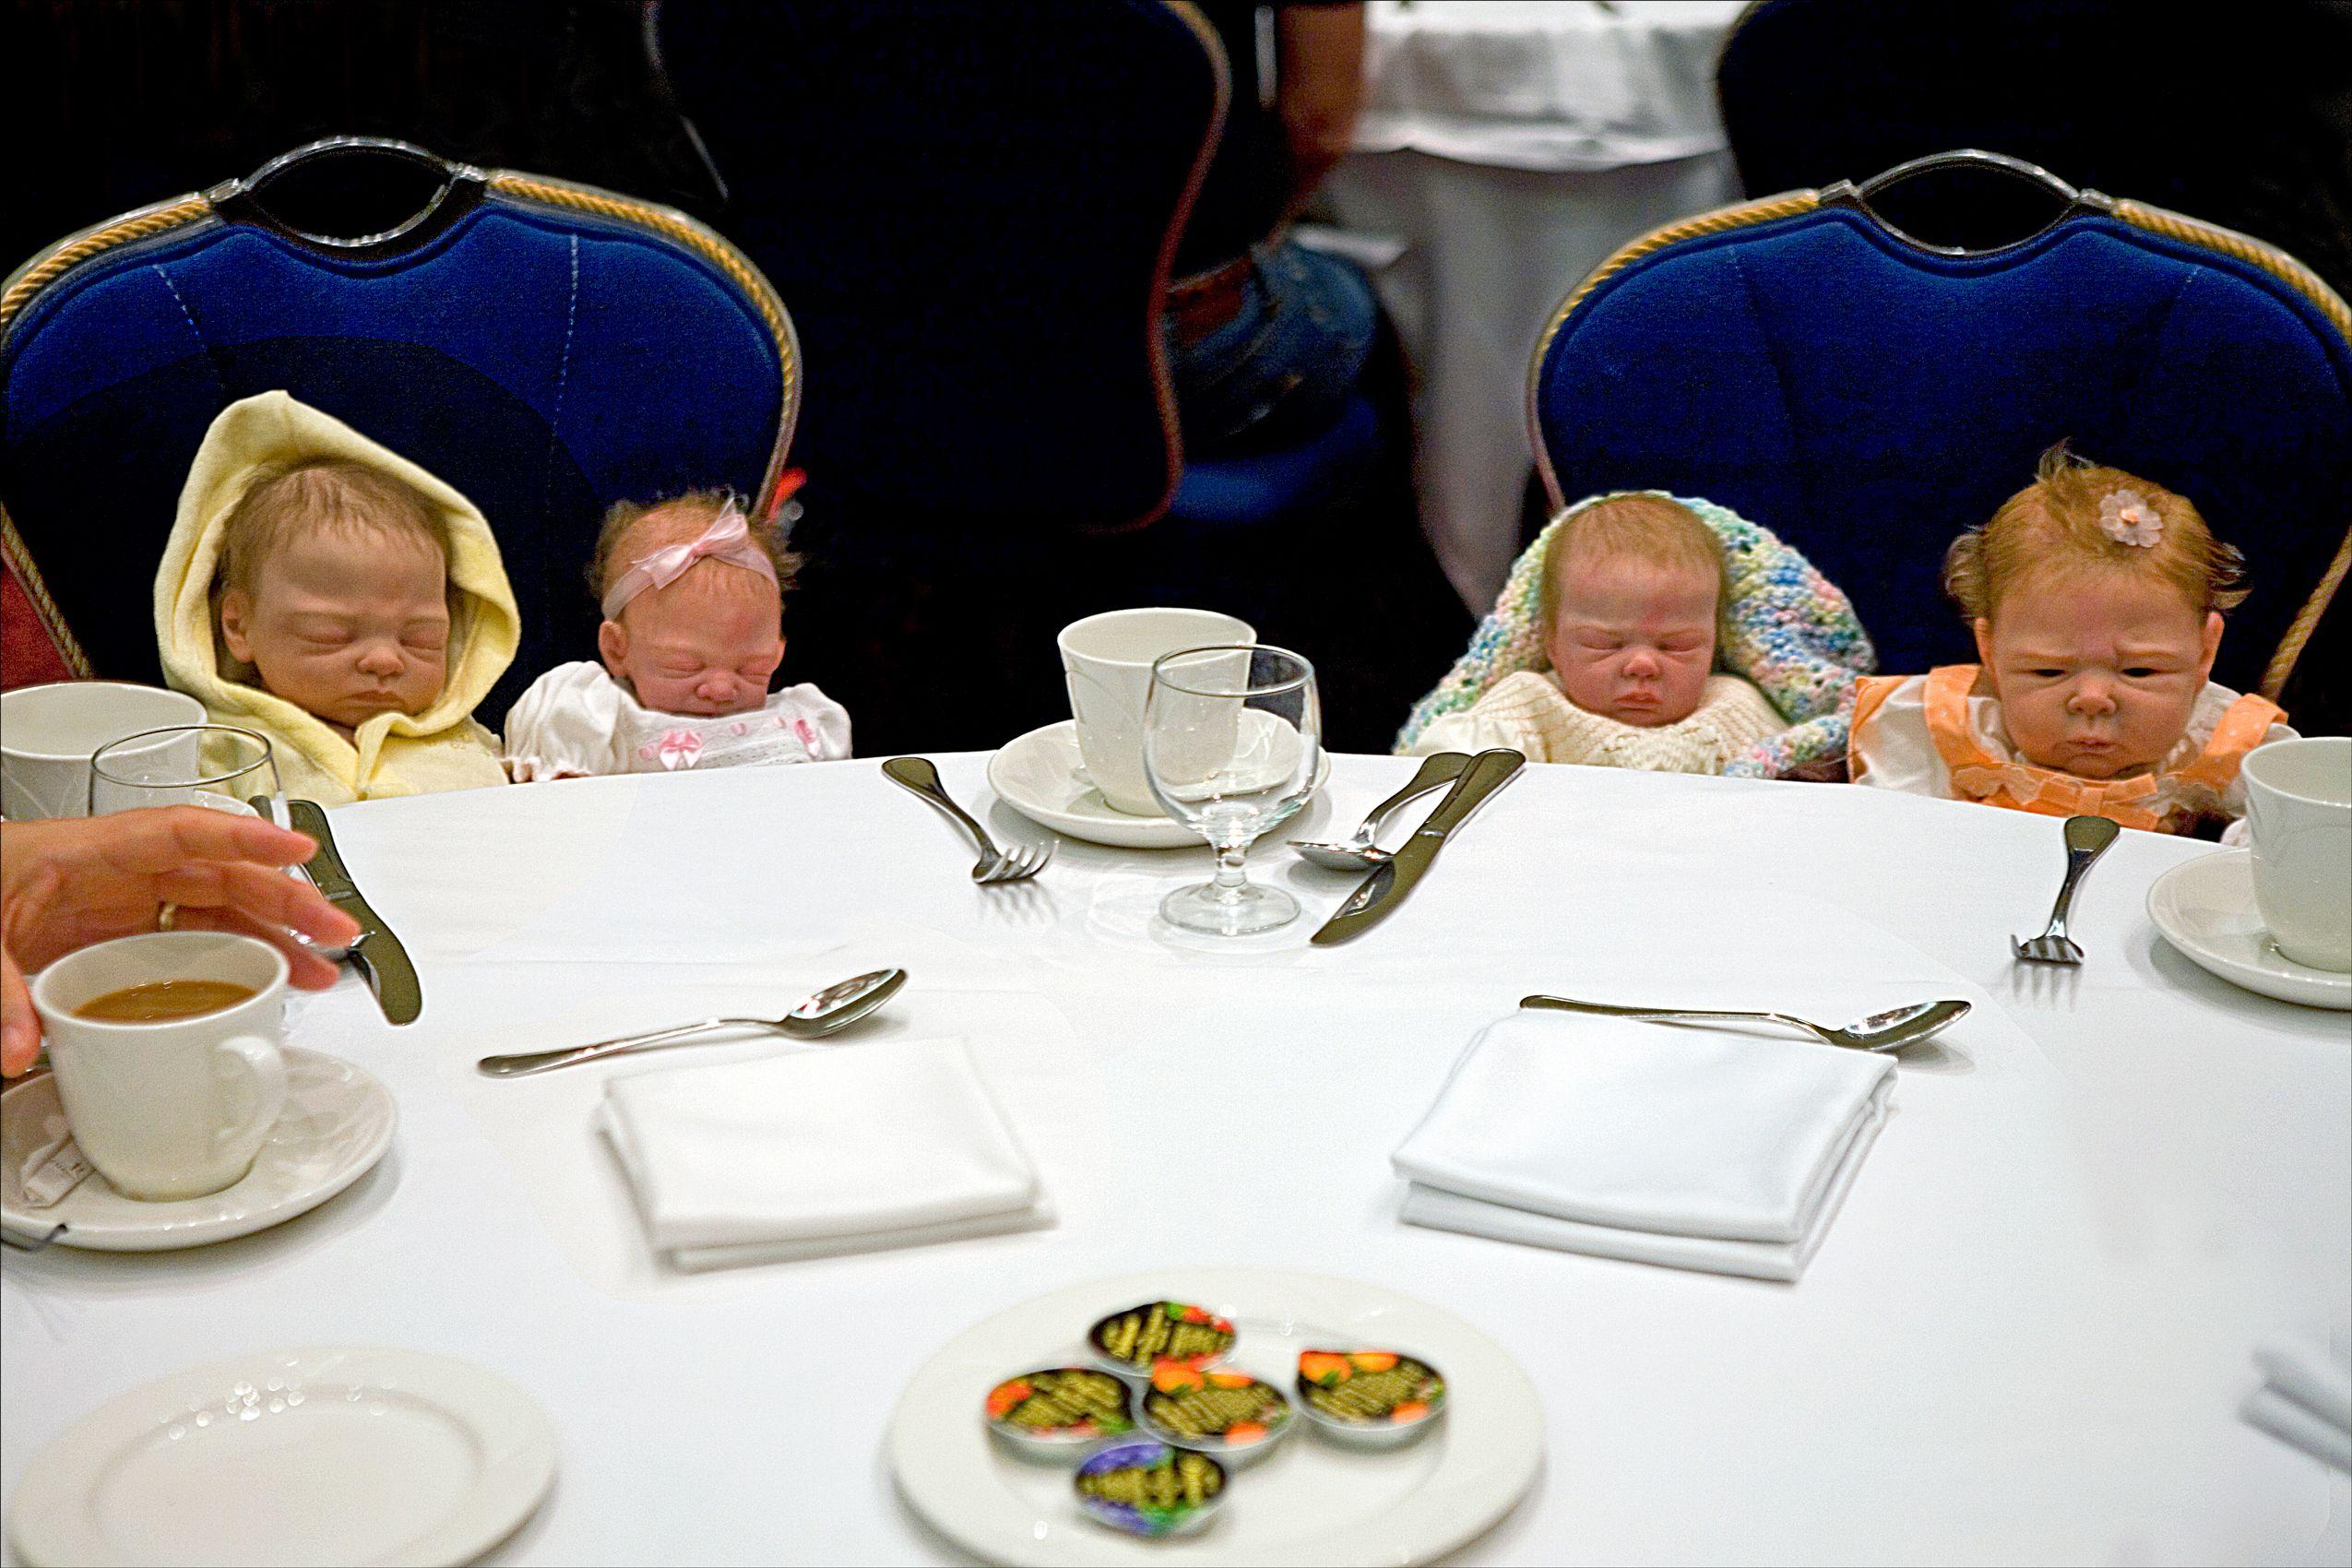 Babies at Brunch